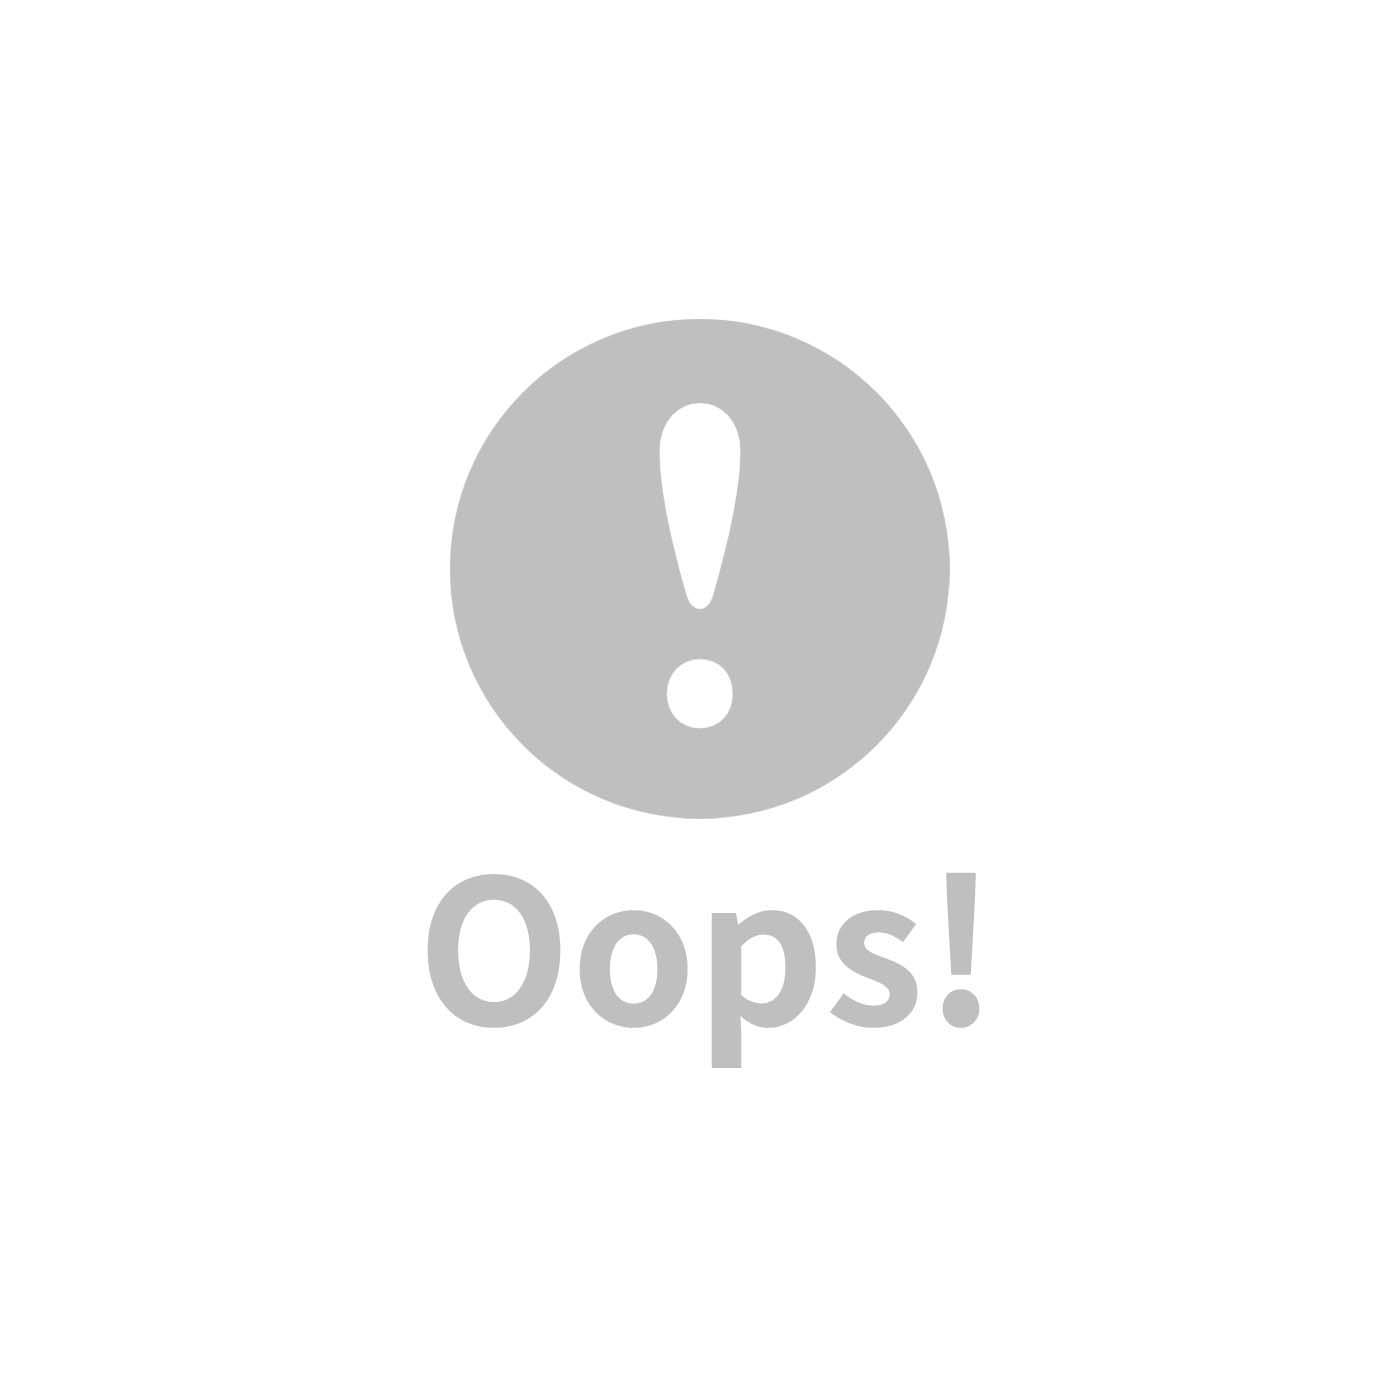 【韓國 lolbaby】Hi Jell-O涼感蒟蒻推車坐墊_防水隔尿款 (彩虹花豹)